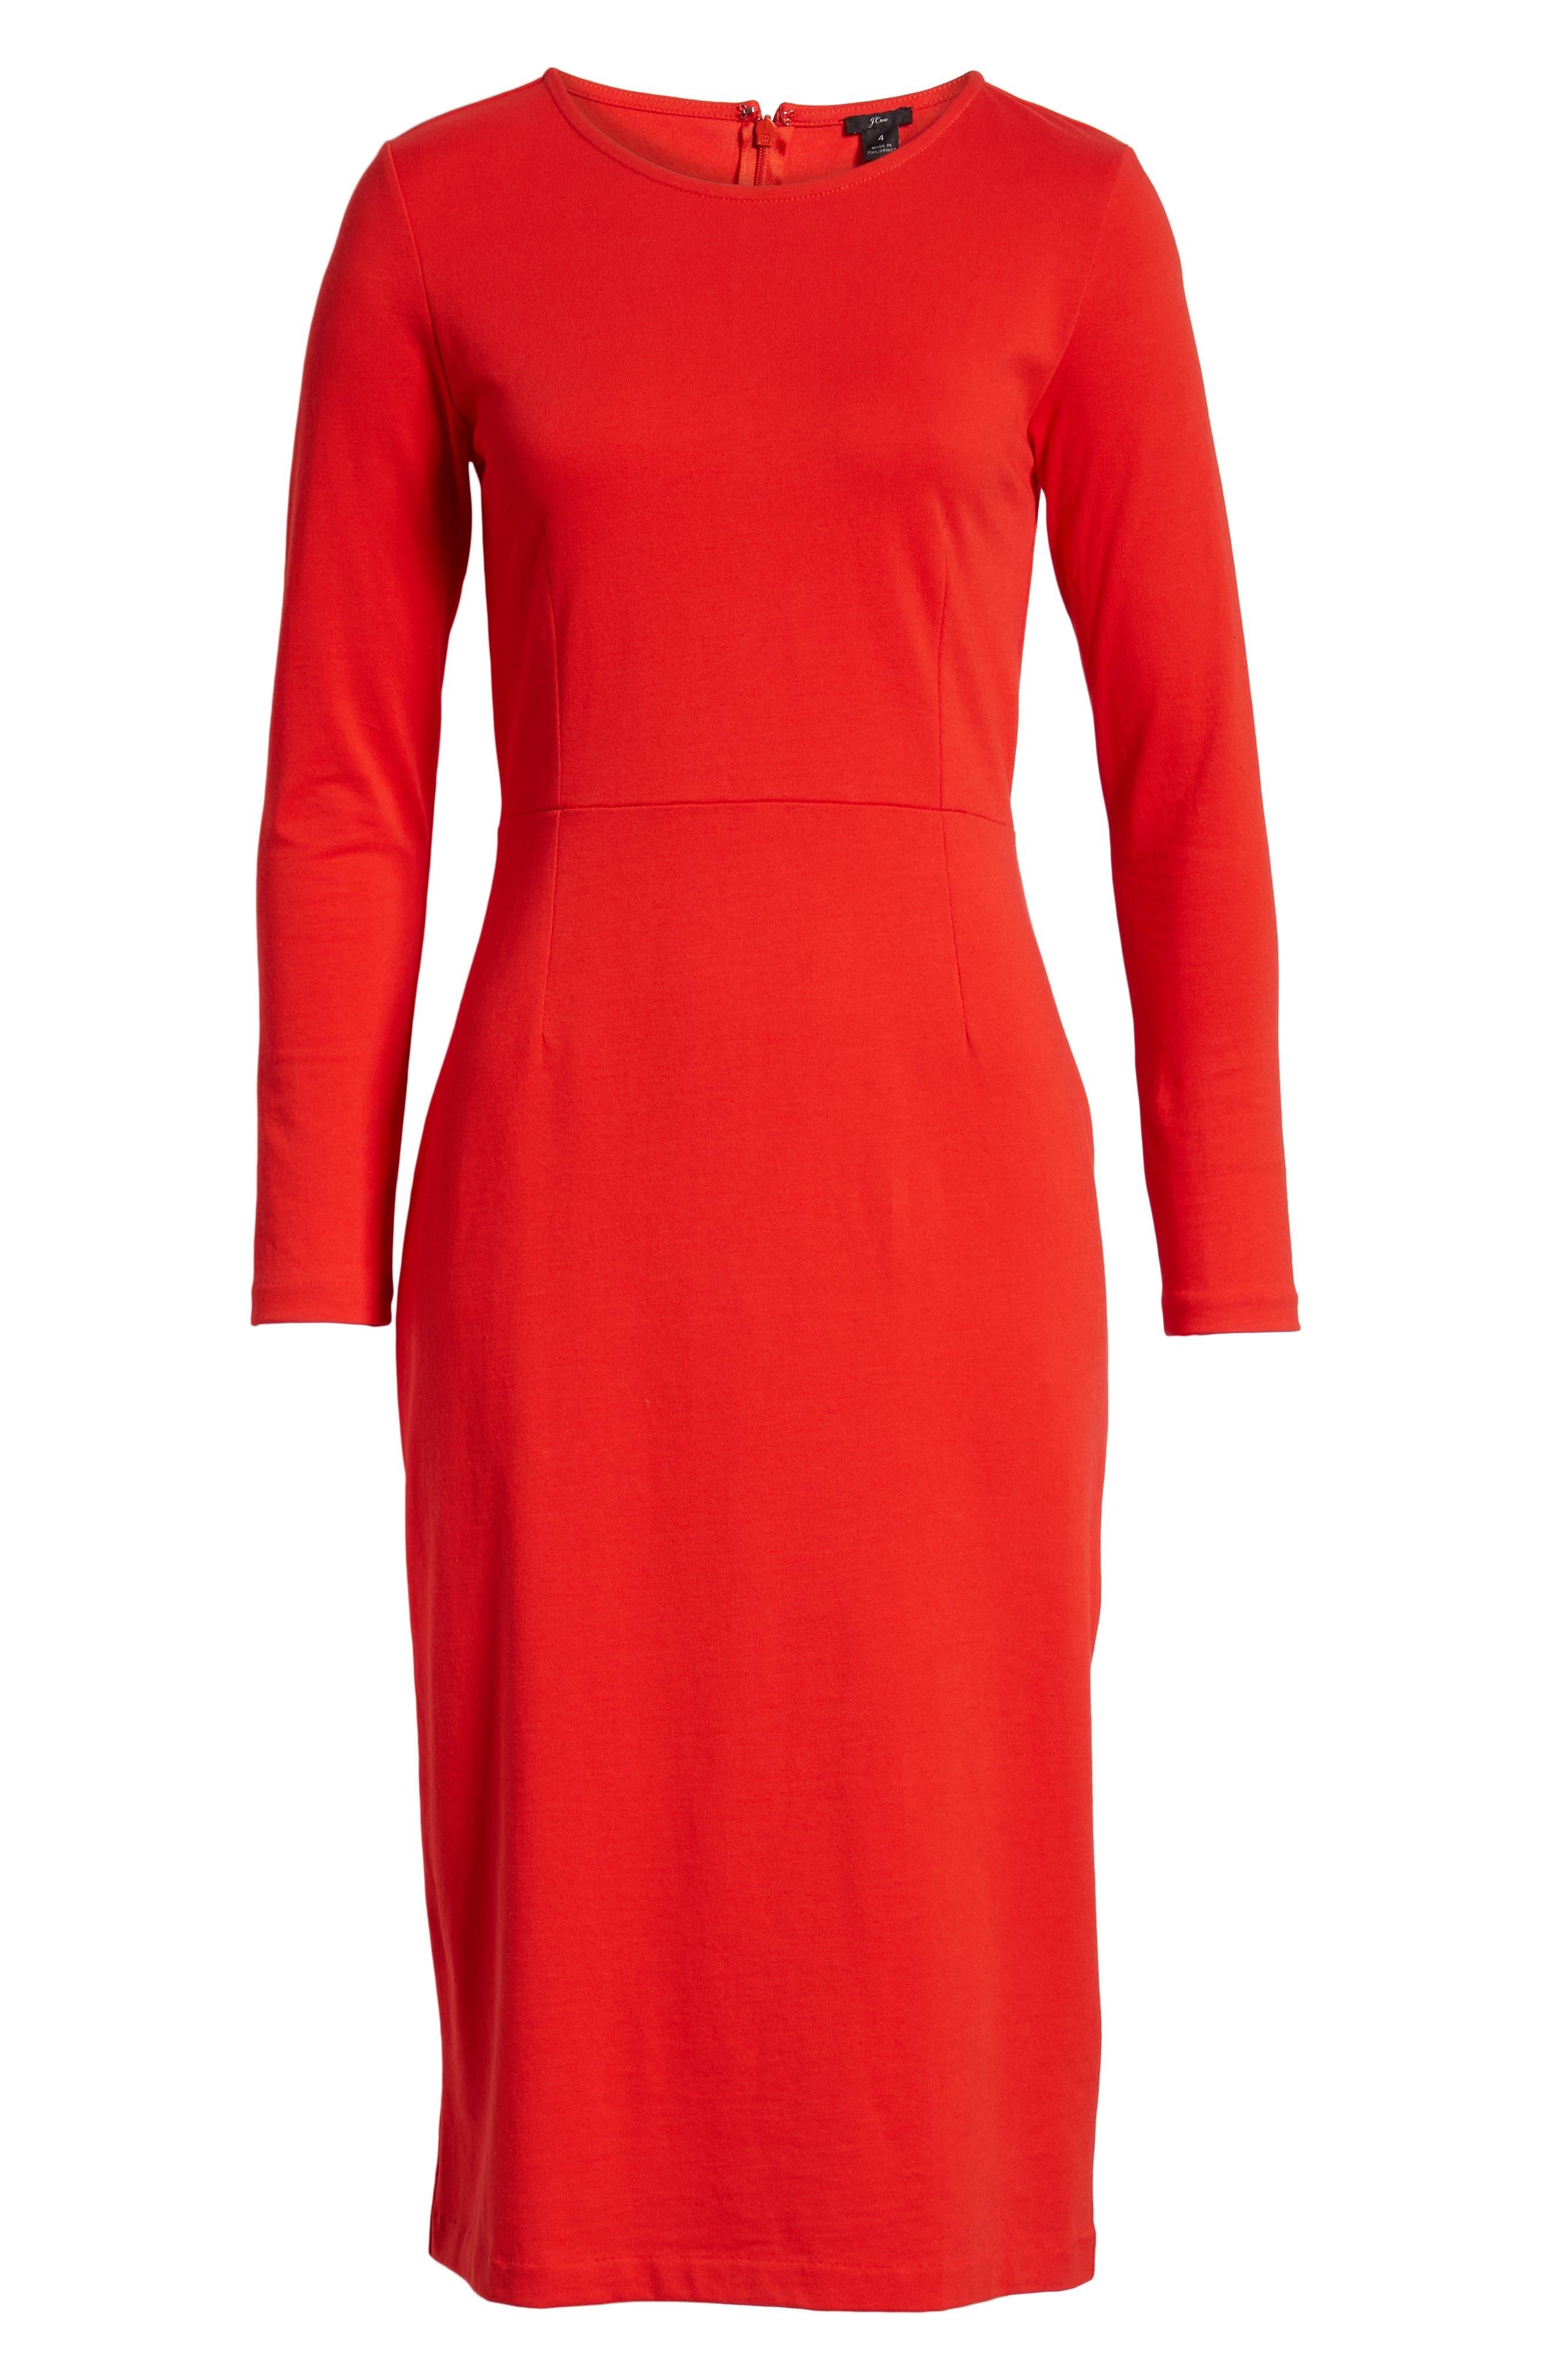 J.CREW, Knit Sheath Dress, Alternate thumbnail 9, color, BRIGHT CERISE